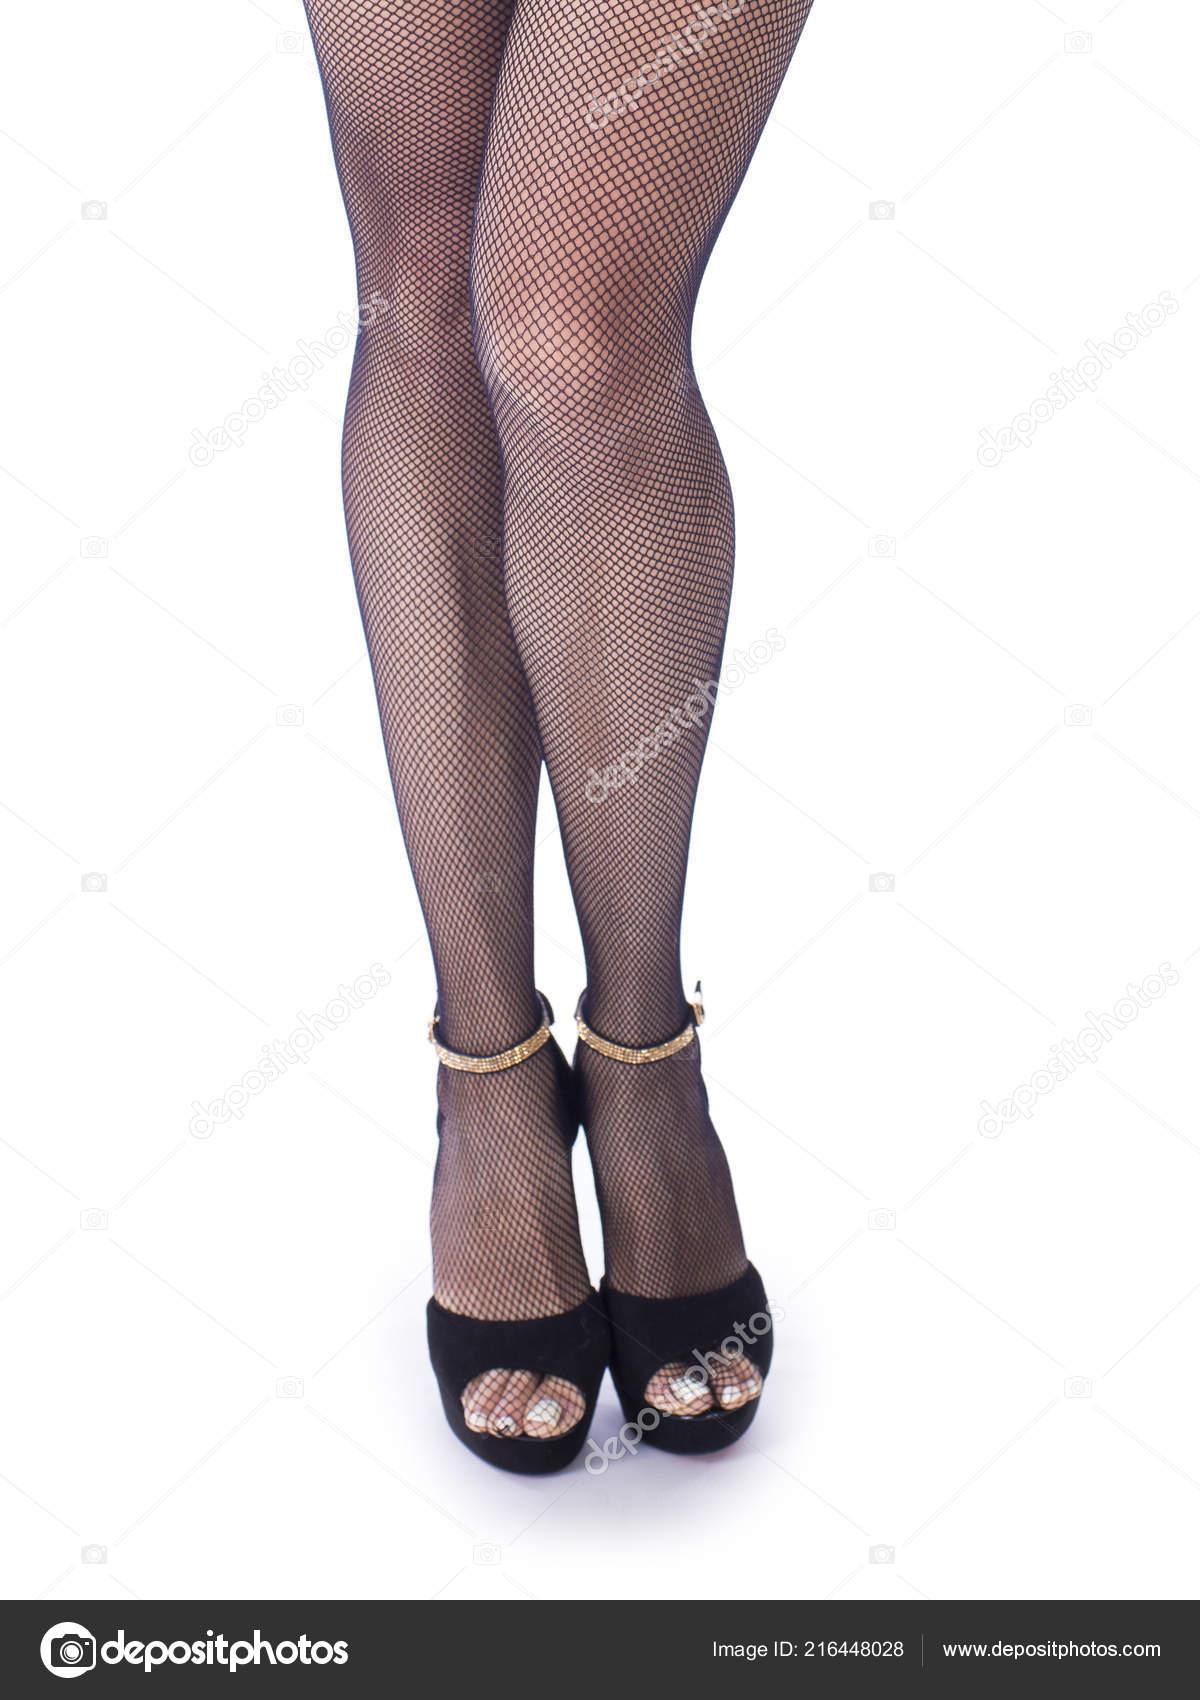 σέξι μαύρο γυναικεία πόδια μαύρο έφηβος κορίτσια πορνό φωτογραφίες